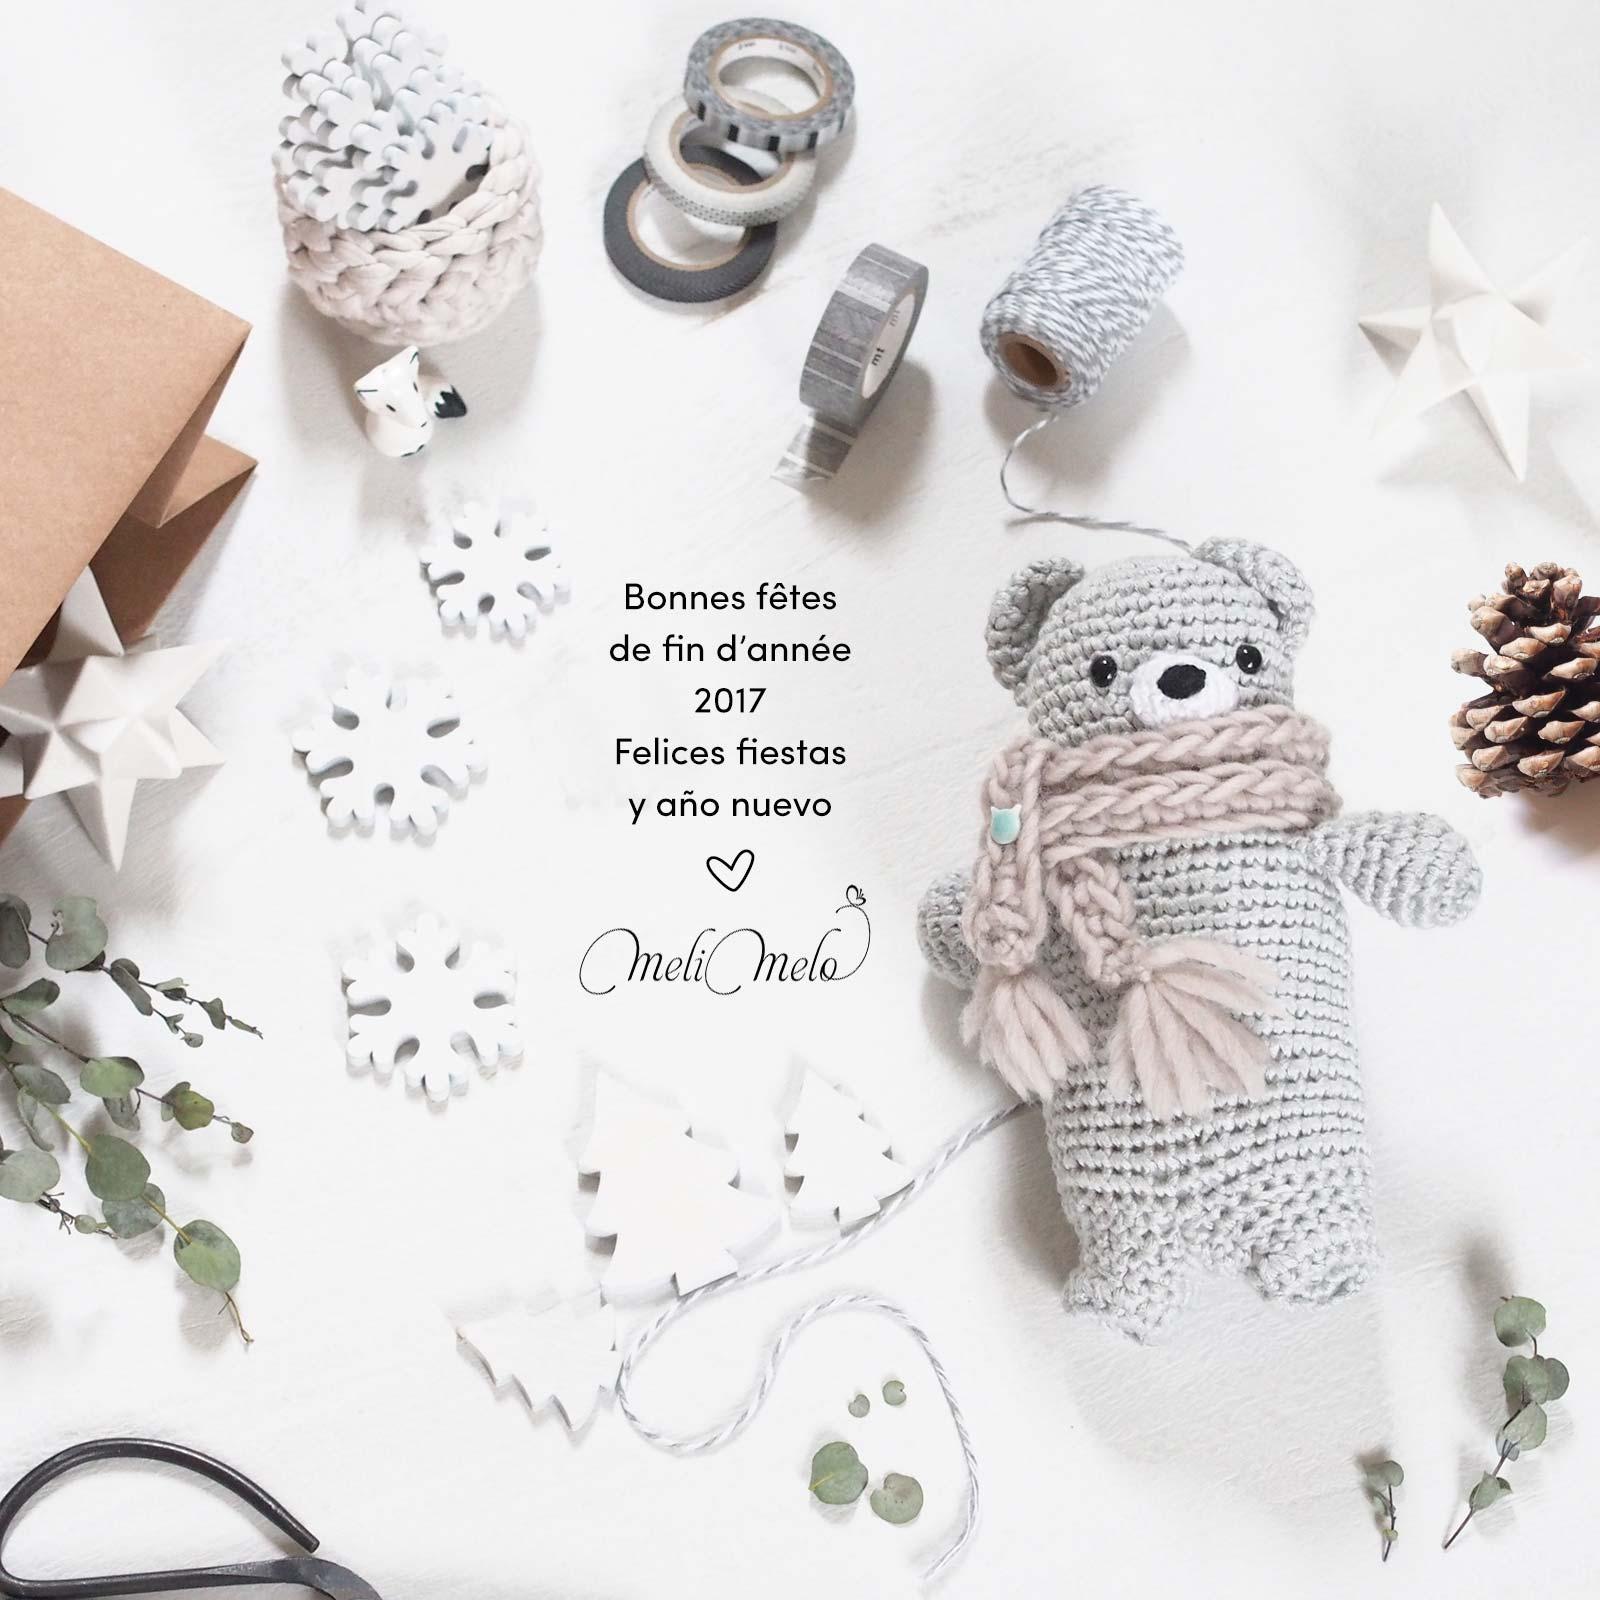 crochet ourson bonnes fêtes 2017 laboutiquedemelimelo